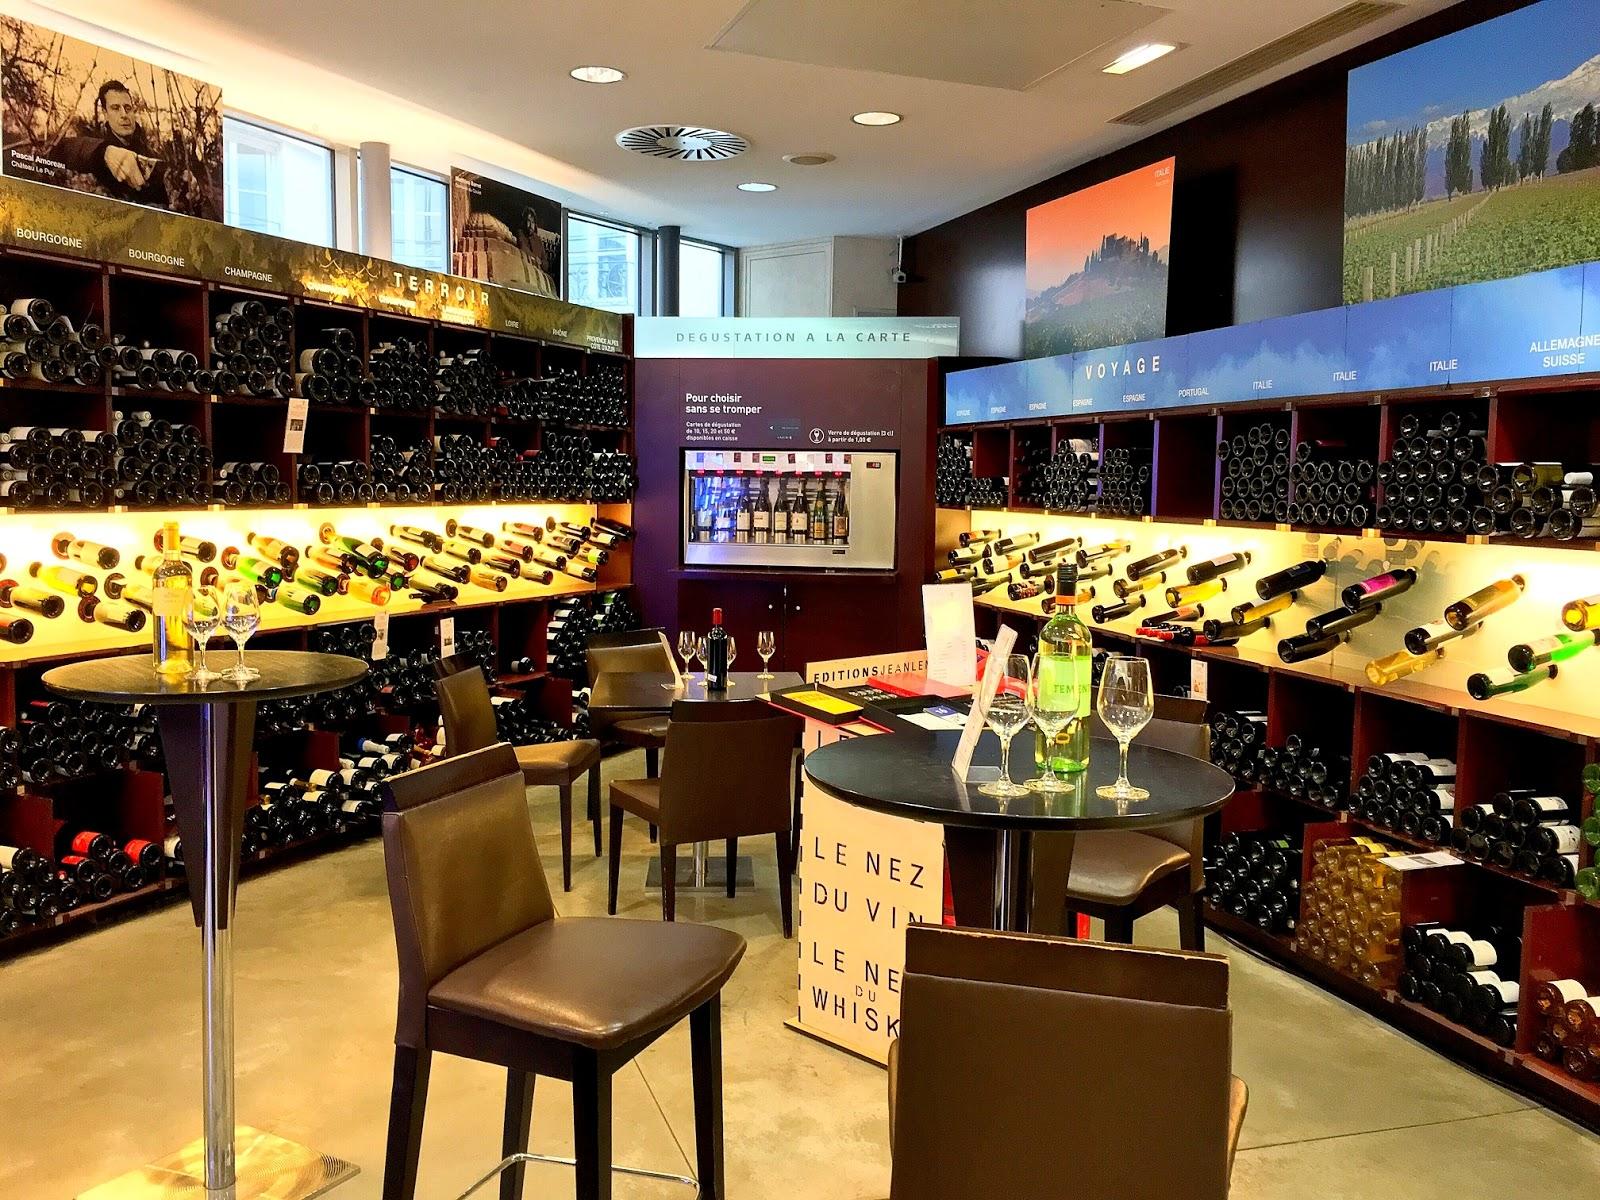 d7991766d A Lavinia é uma loja gourmet de vinhos - o paraíso de compras para os  amantes de vinhos! hahah. É uma rede espanhola que tem uma seleção  impecável de vinhos ...